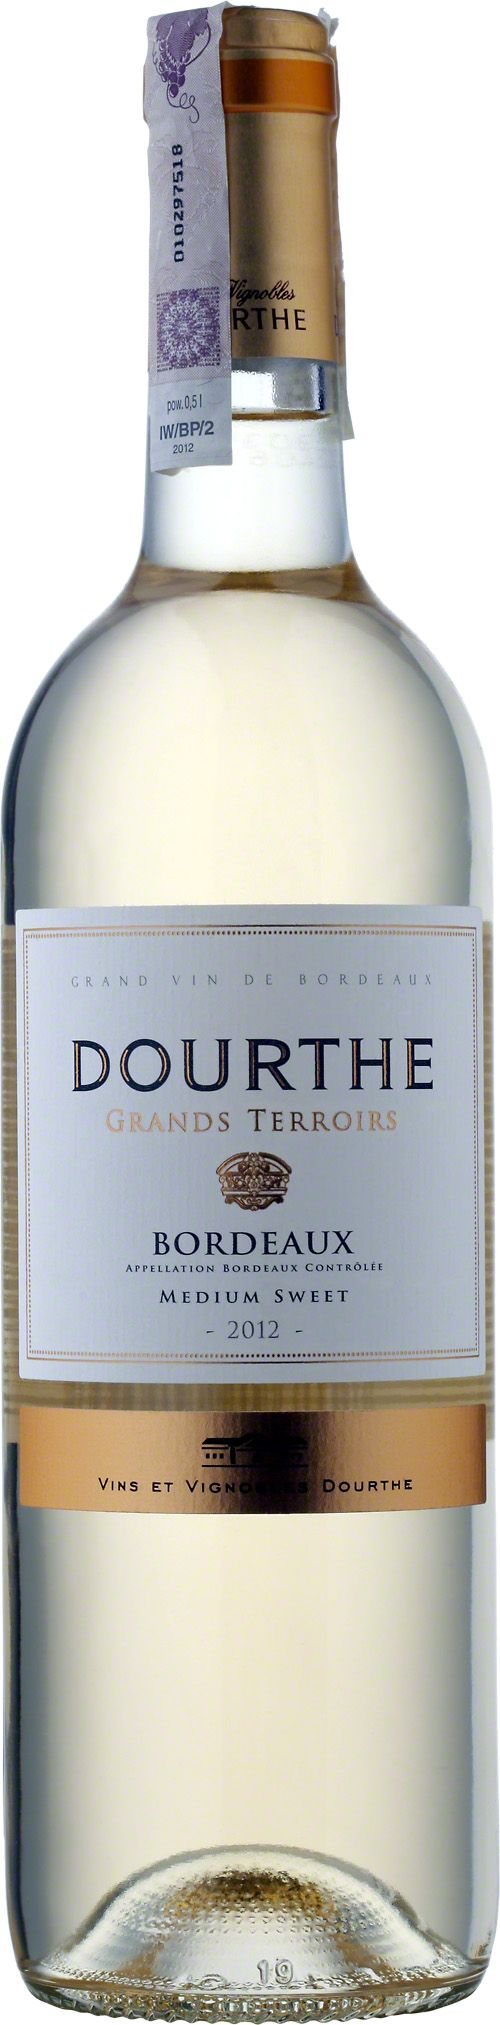 Grand Terroirs Bordeaux Moelleux A.O.C. Białe wino o aromatach miodu, akacji i kandyzowanych owoców. Jego finisz jest cudowny i długo pozostający. #Wino #Bordeaux #Winezja #SauvignonBlanc